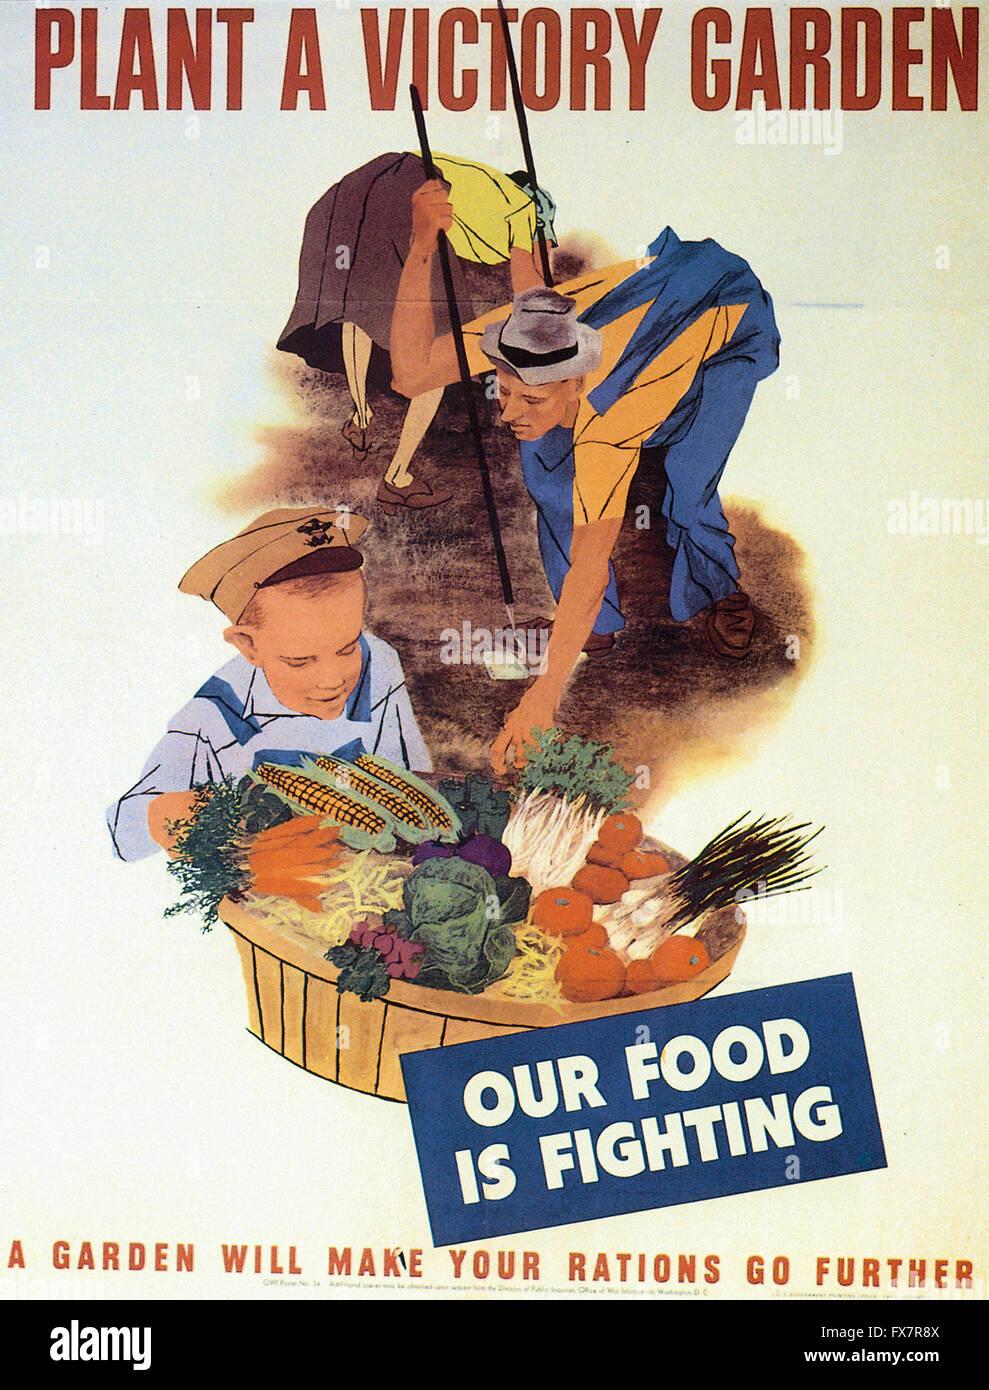 Plantar un Jardín Victoria - Segunda Guerra Mundial - cartel propagandístico en EE.UU. Foto de stock